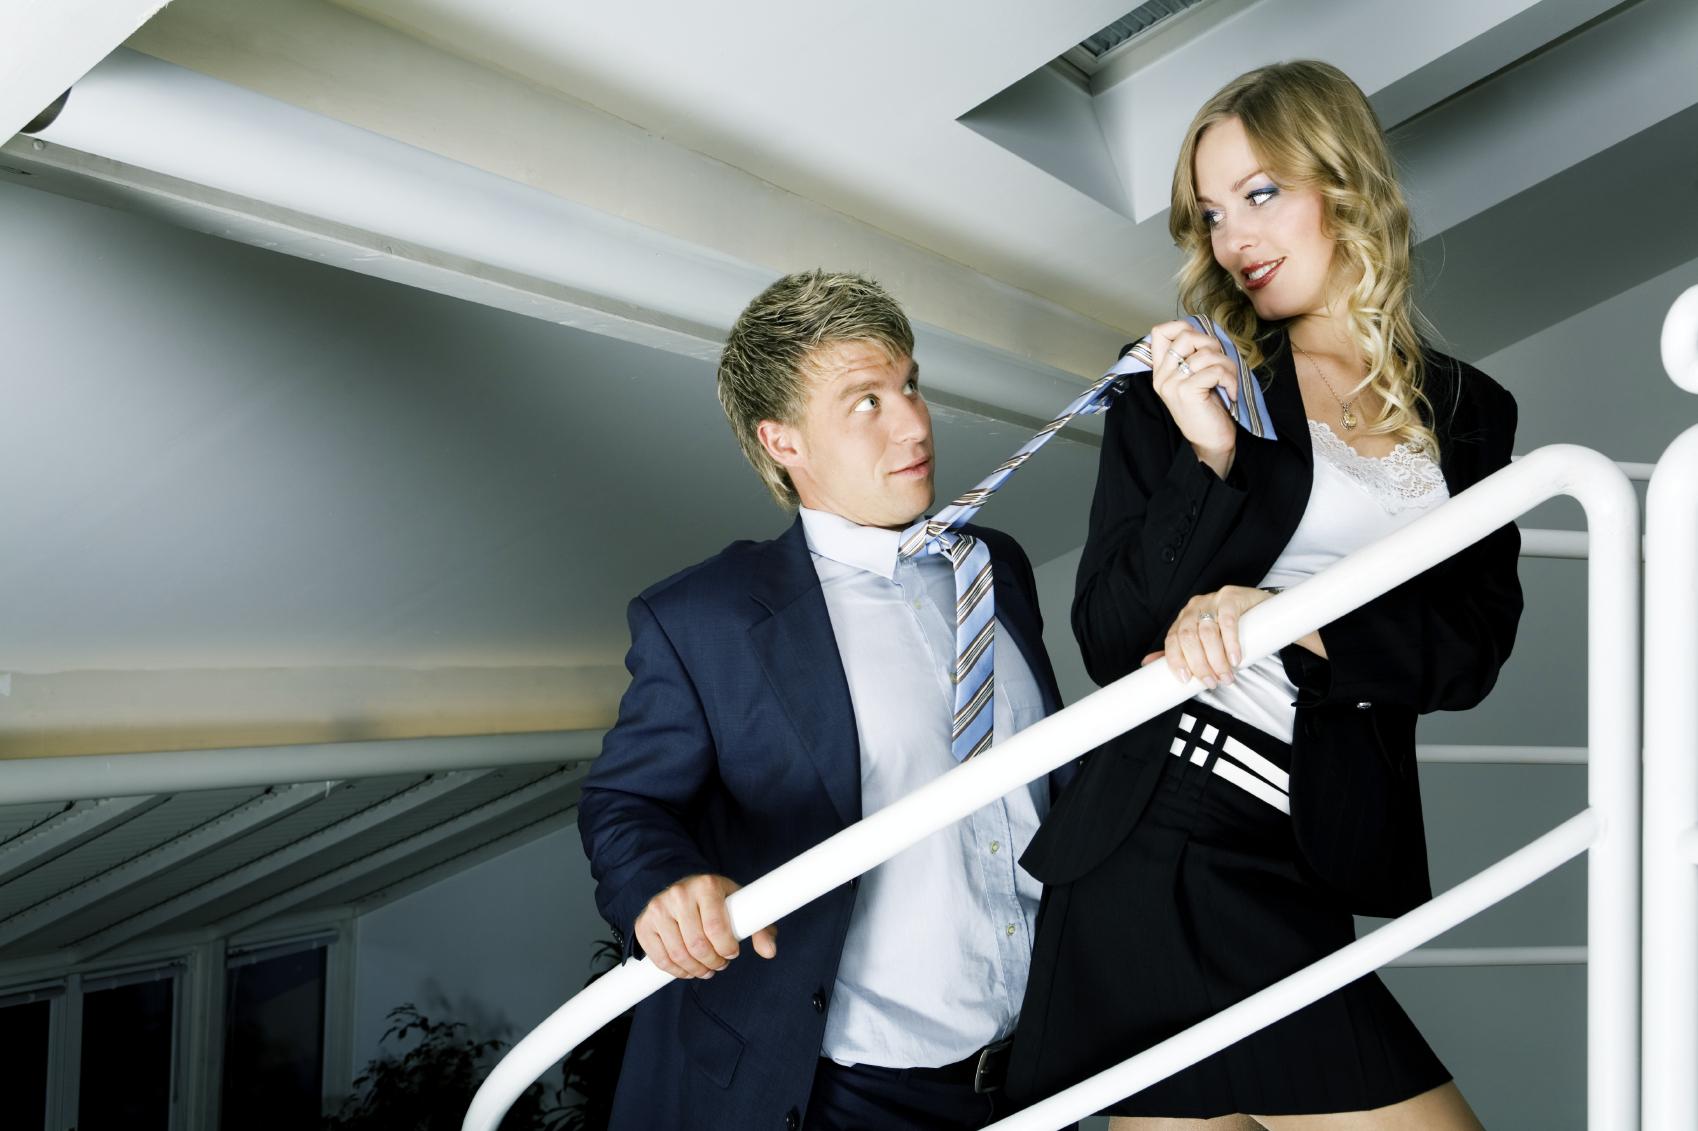 Секс в шефам, Секс с секретаршами - качественное бесплатное порно 8 фотография